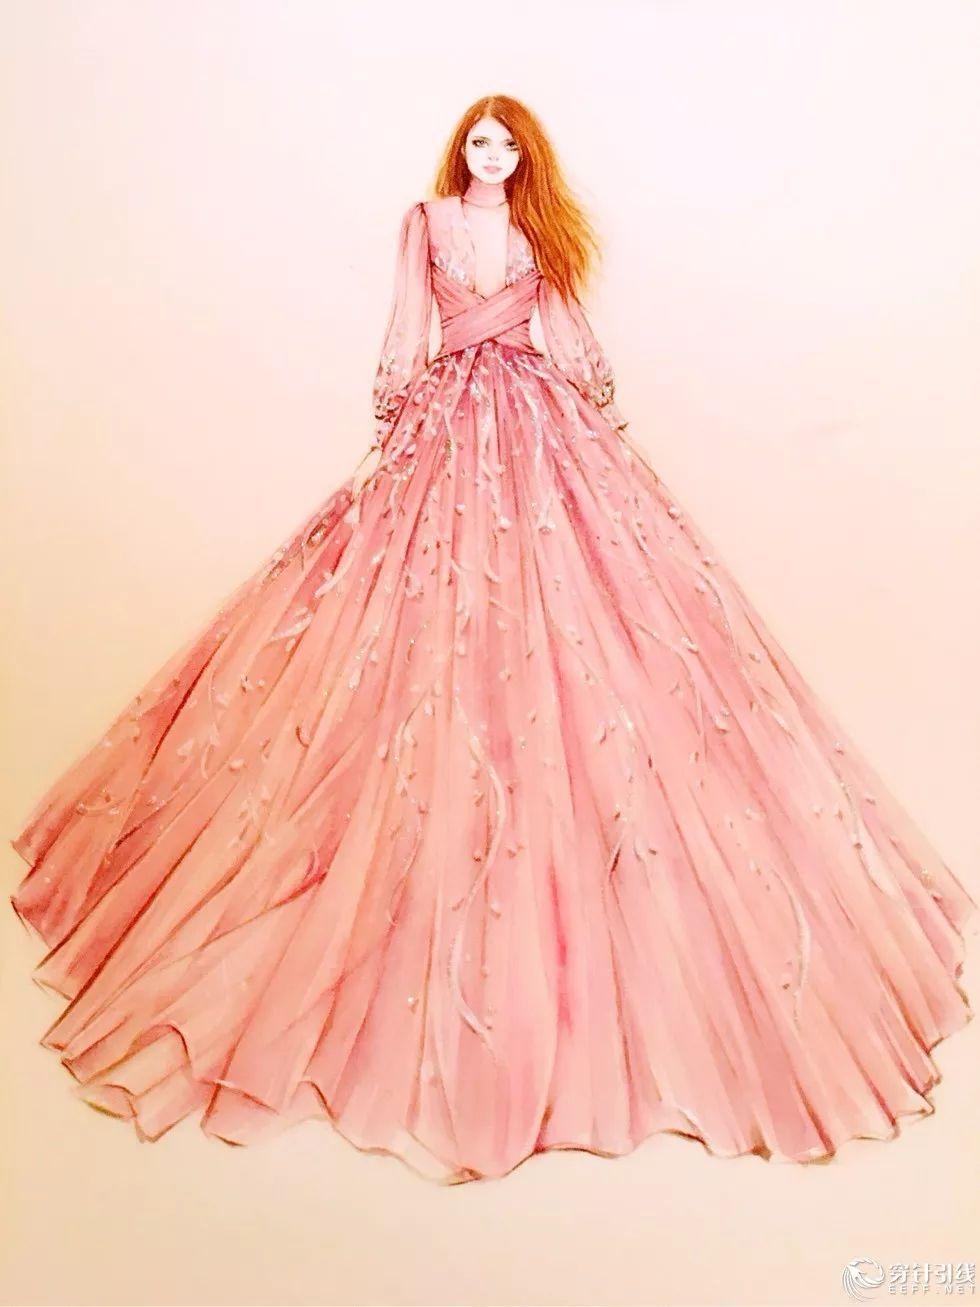 时装手绘 | 慕轩的唯美婚纱手绘